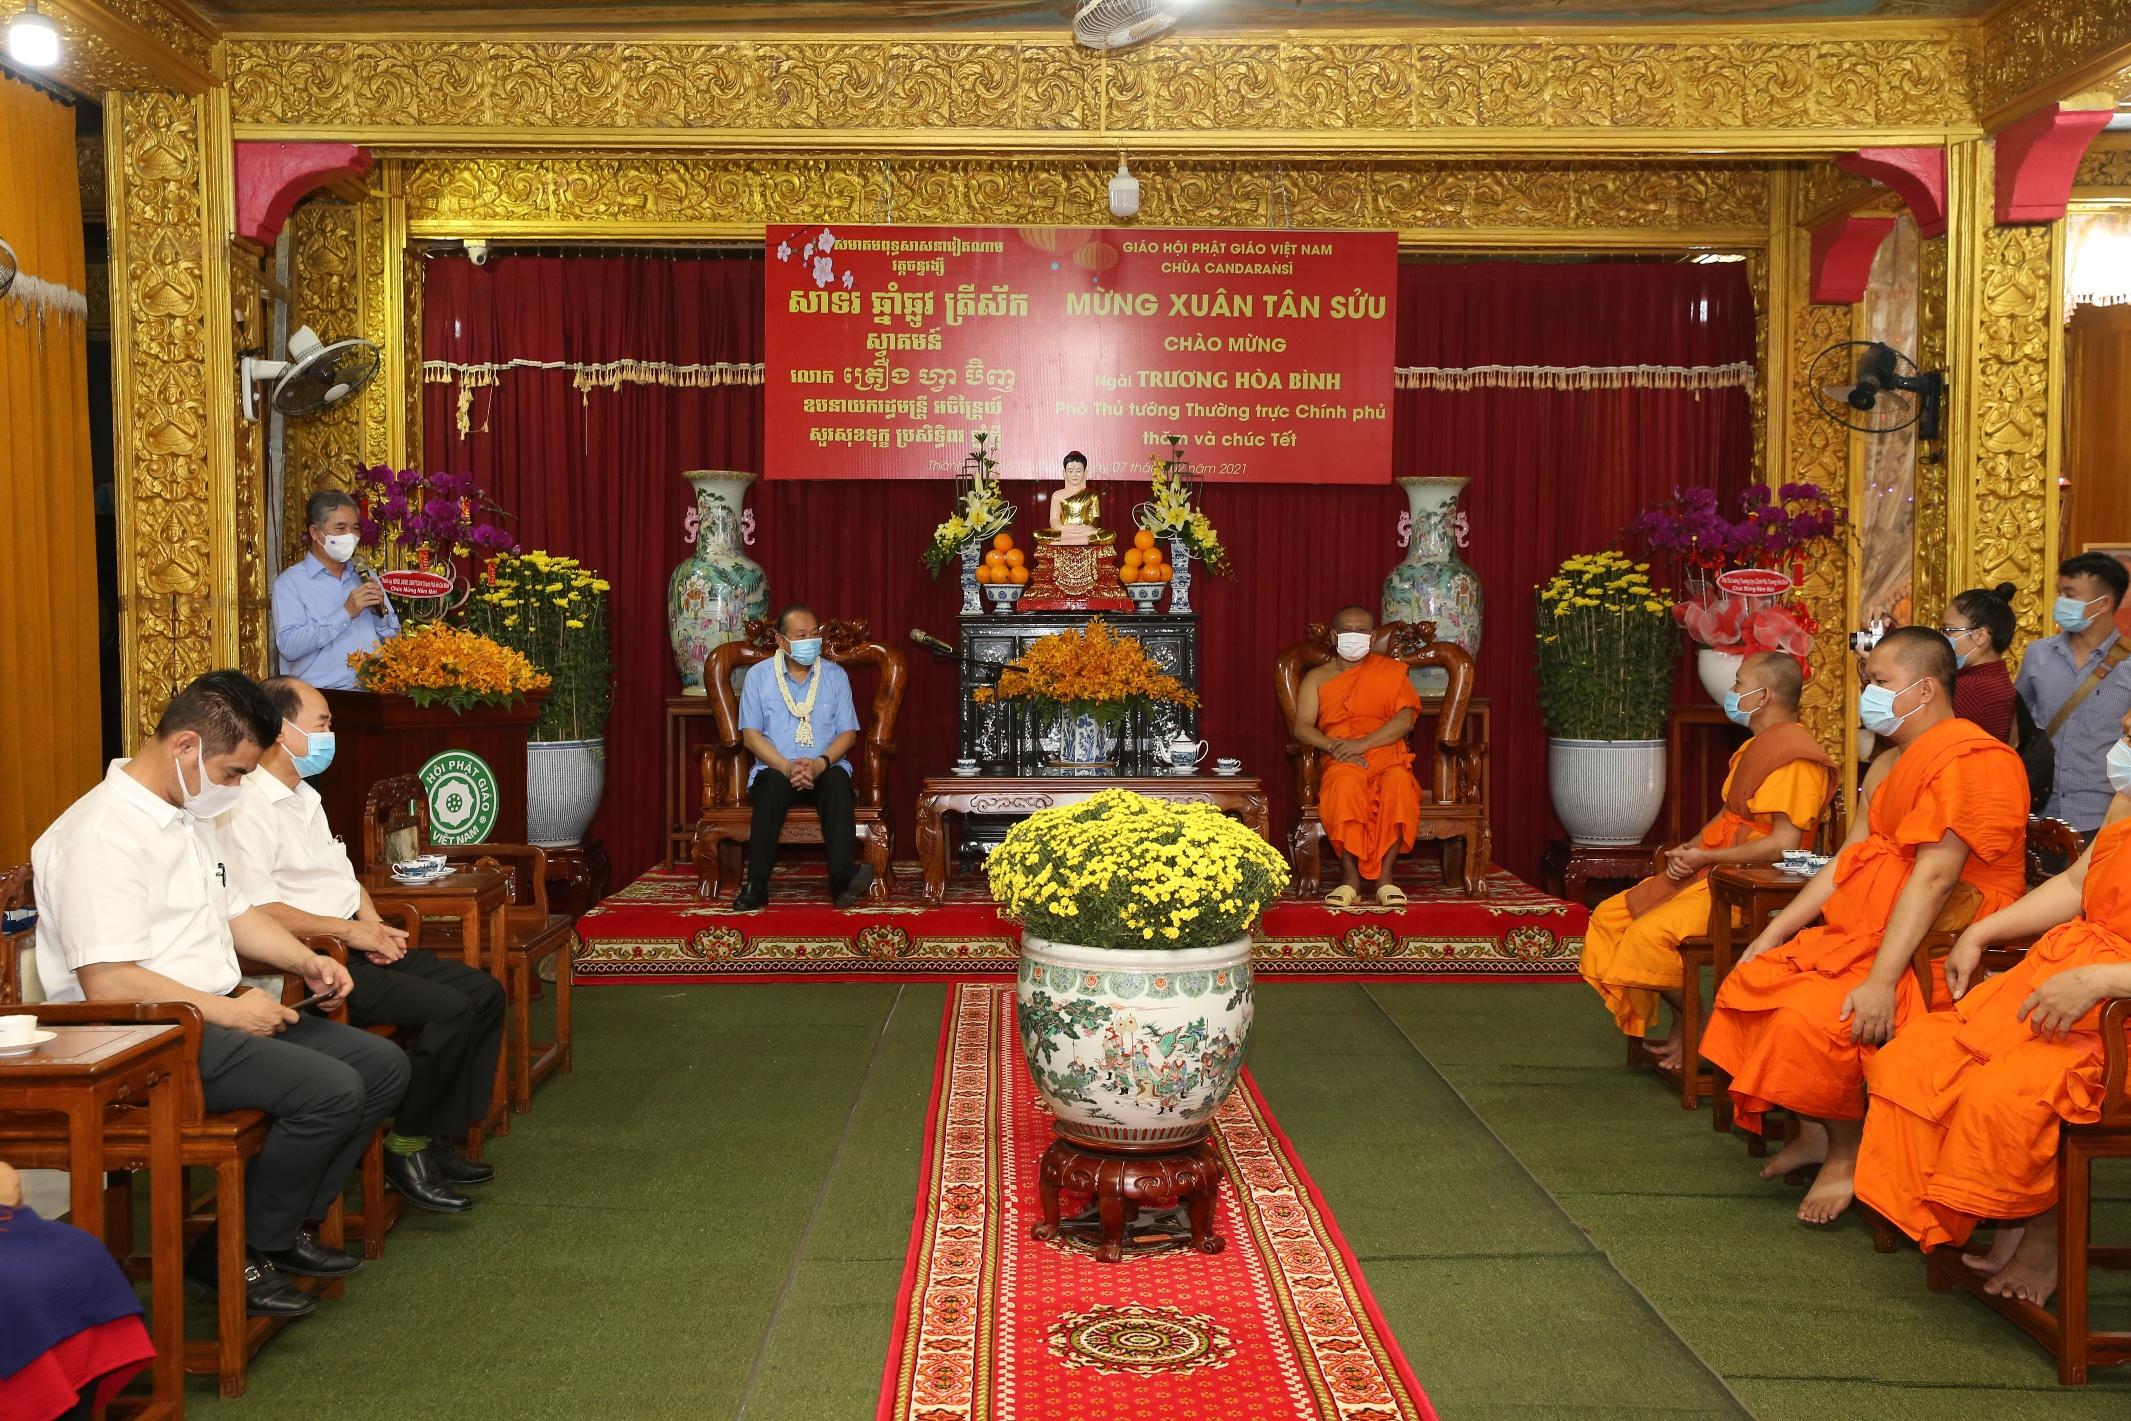 Phó Thủ tướng Thường trực Chính phủ Trương Hòa Bình và các đại biểu dự cuộc gặp. Ảnh: VGP/Mạnh Hùng